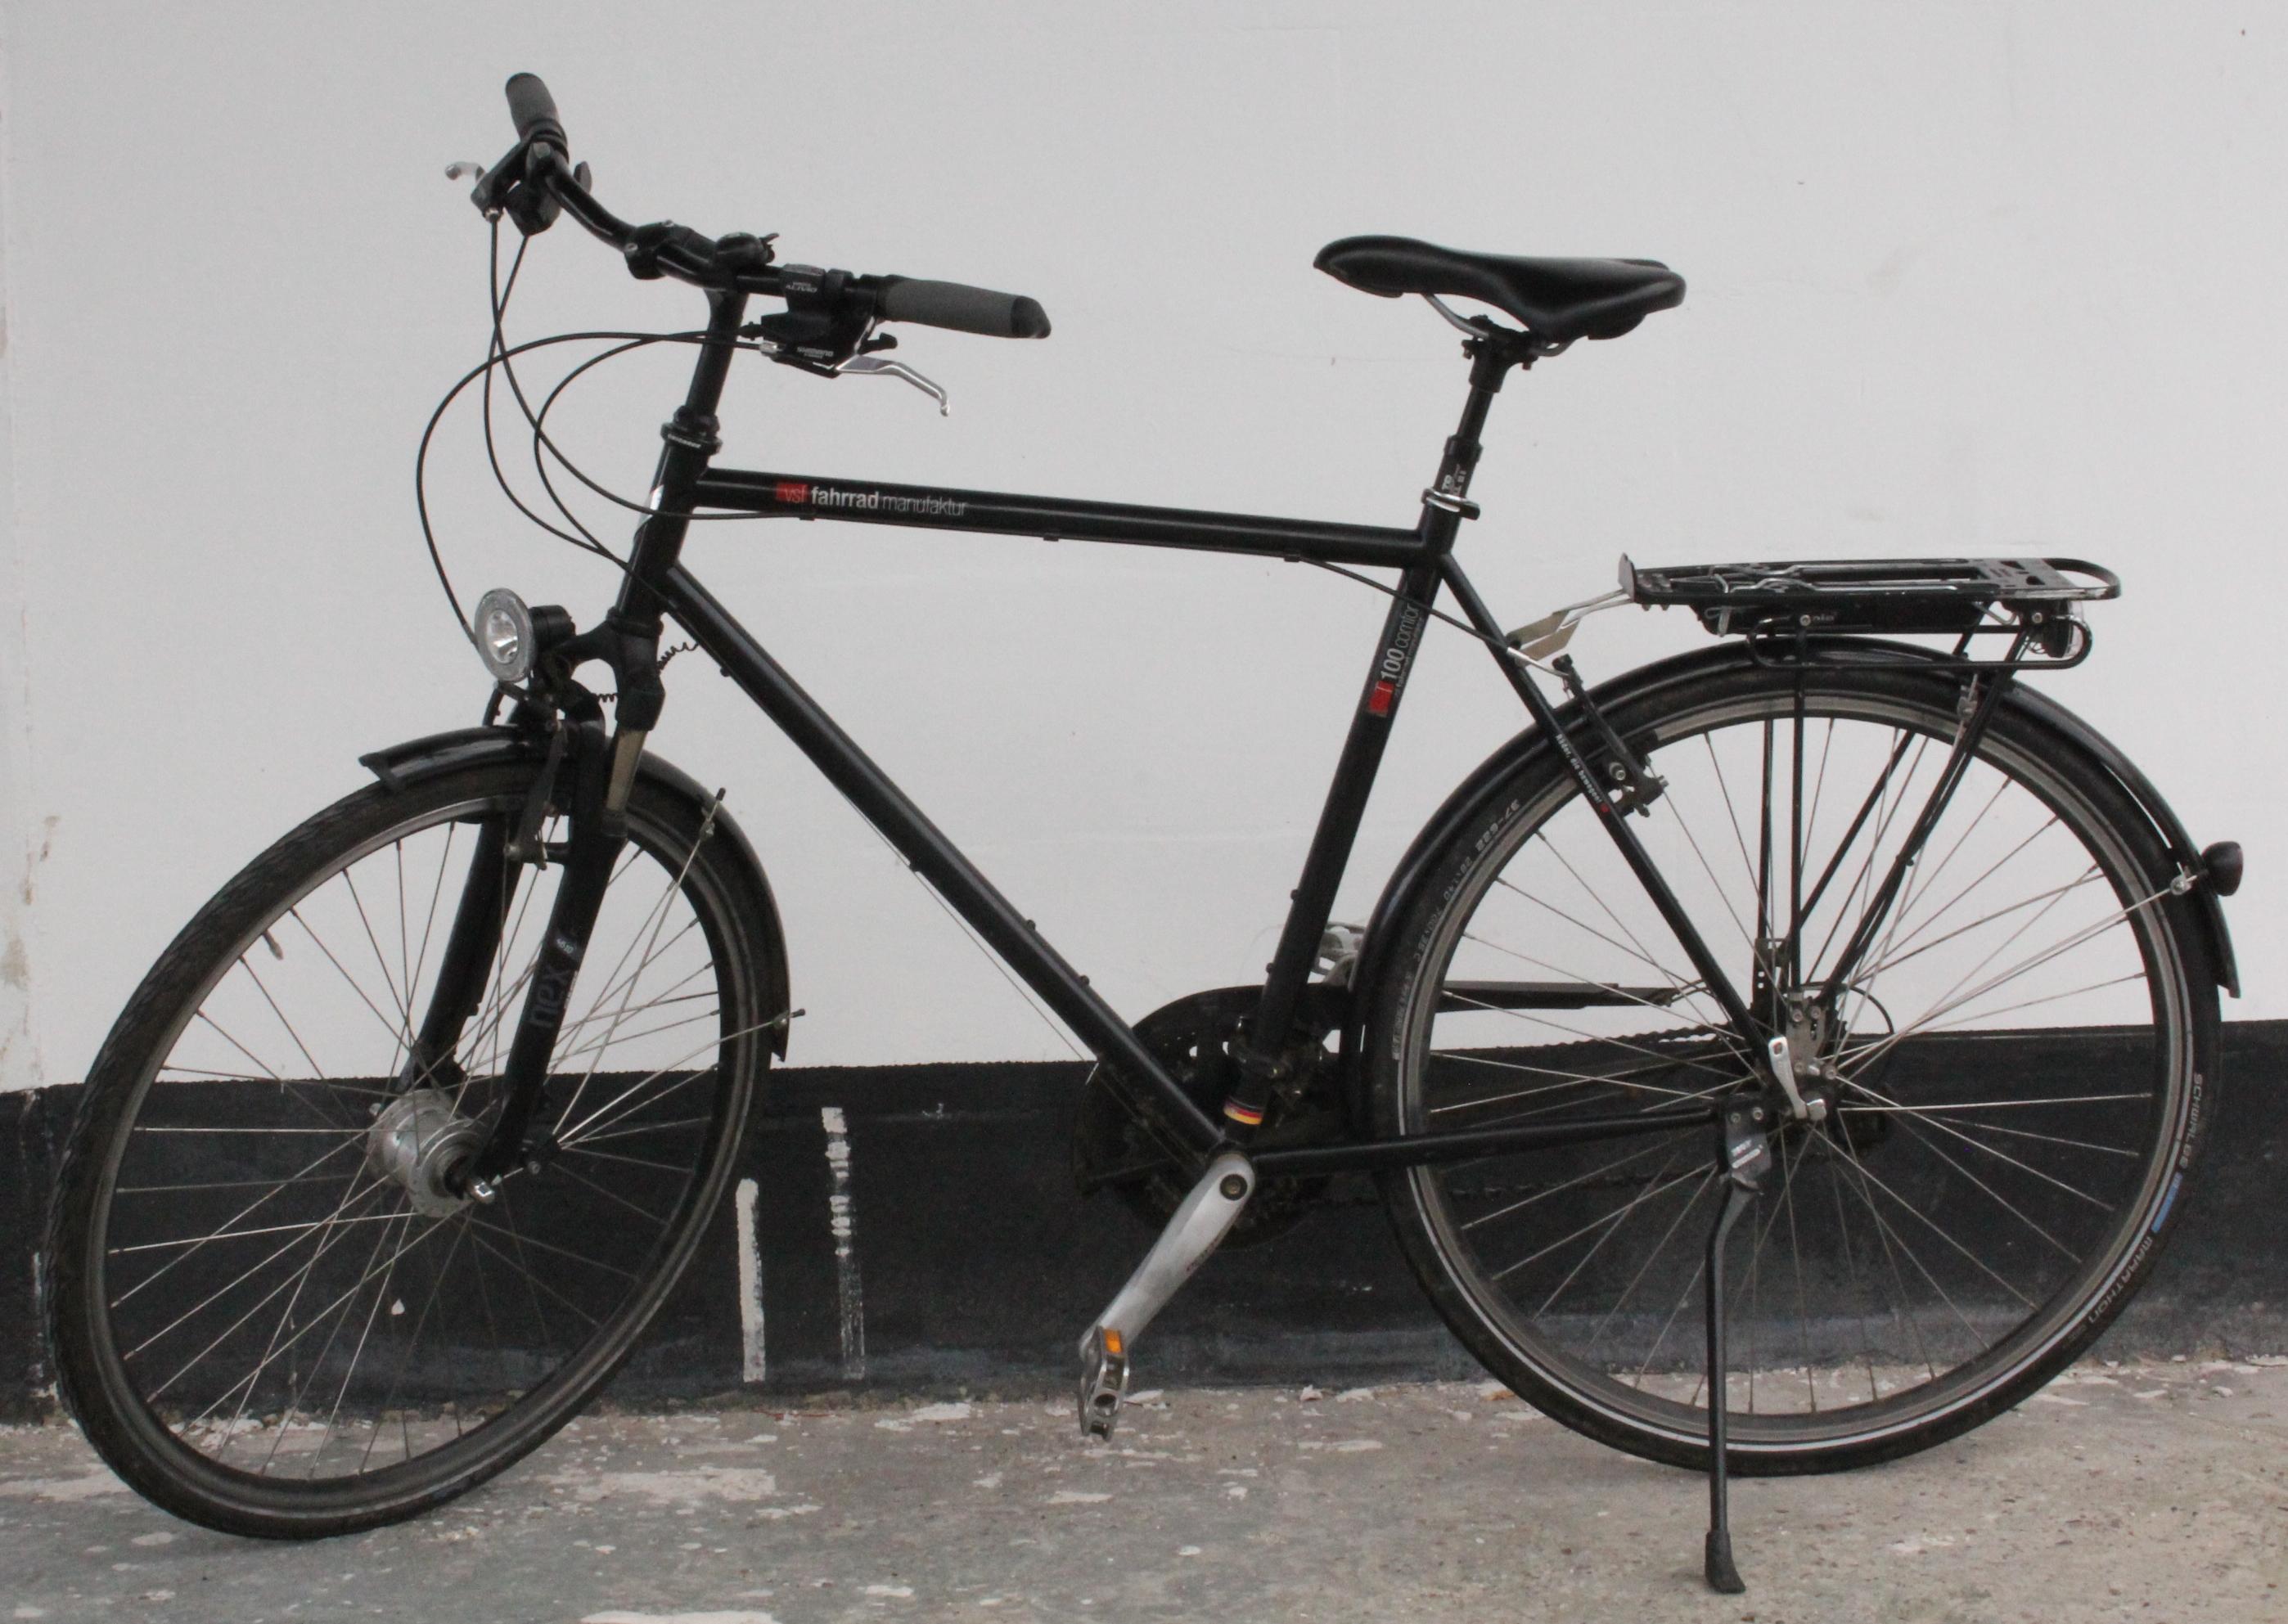 vsf fahrradmanufaktur t100 27 gang herren fahrrad ebay. Black Bedroom Furniture Sets. Home Design Ideas